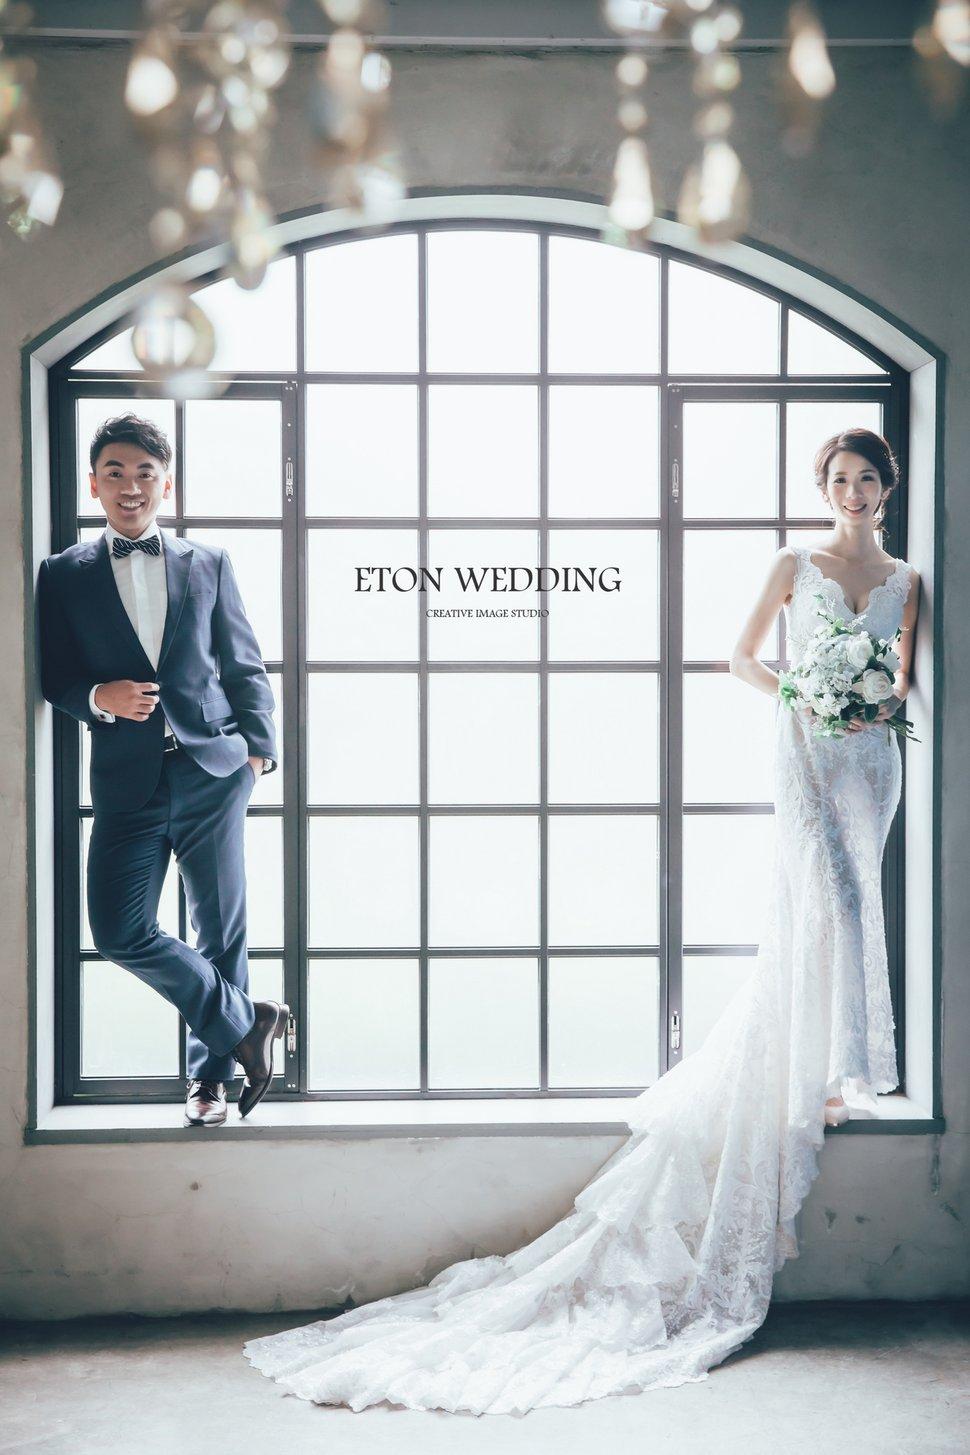 台北婚紗,伊頓自助婚紗 (5) - 伊頓自助婚紗 ▌台北高雄板橋桃園新竹台南《結婚吧》